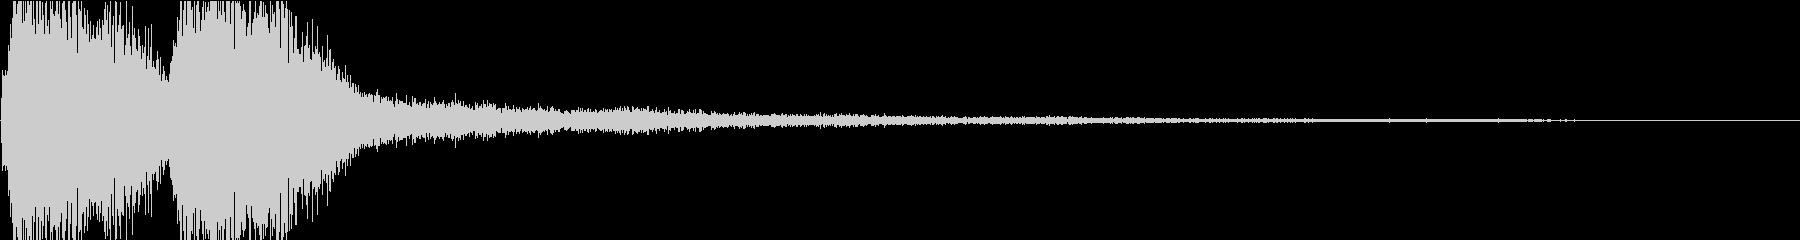 KANTクイズの時のジングル8の未再生の波形